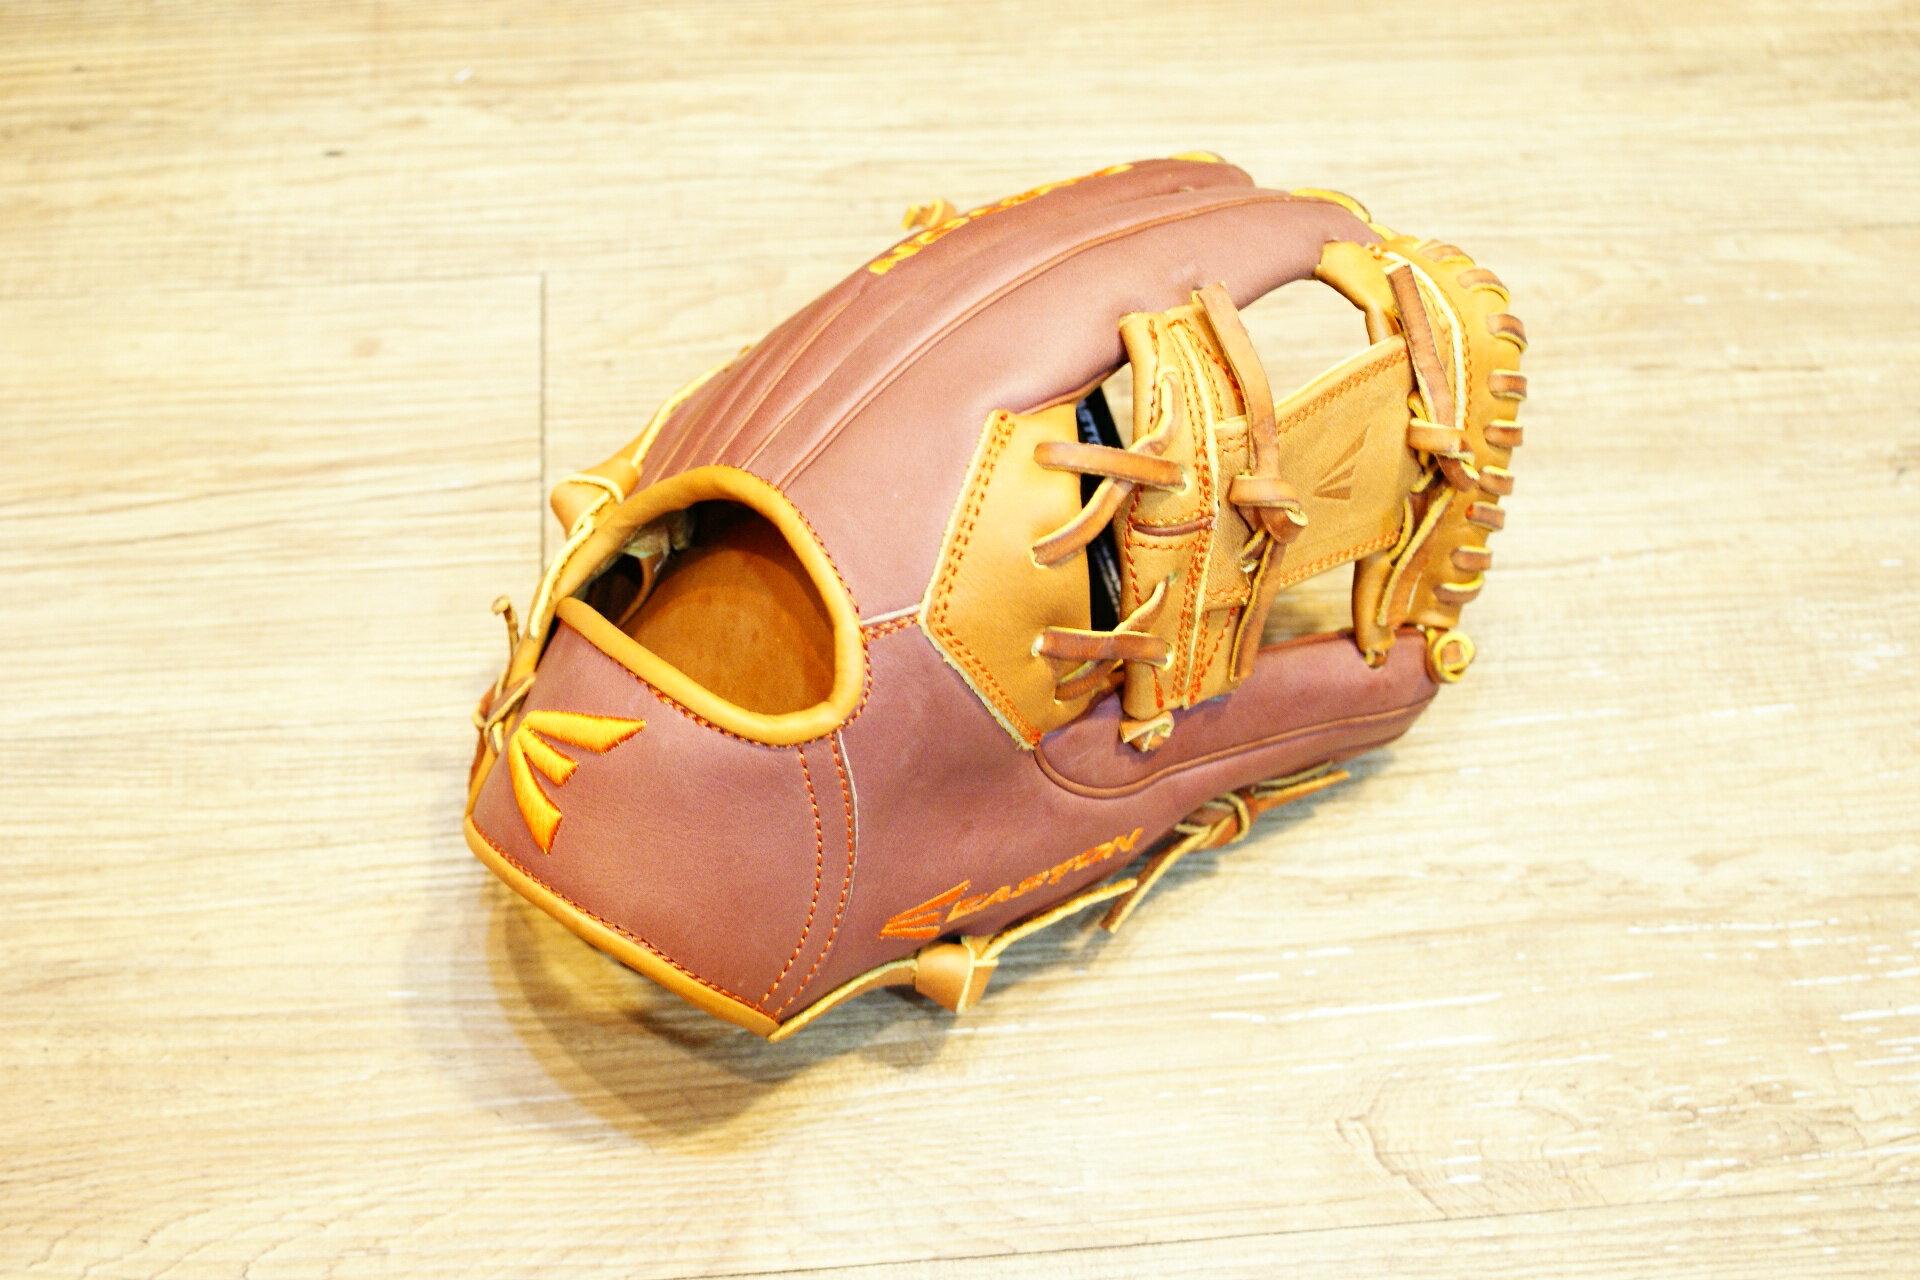 棒球世界原裝進口EASTON美規職業等級小牛皮棒壘手套 特價 內野工字